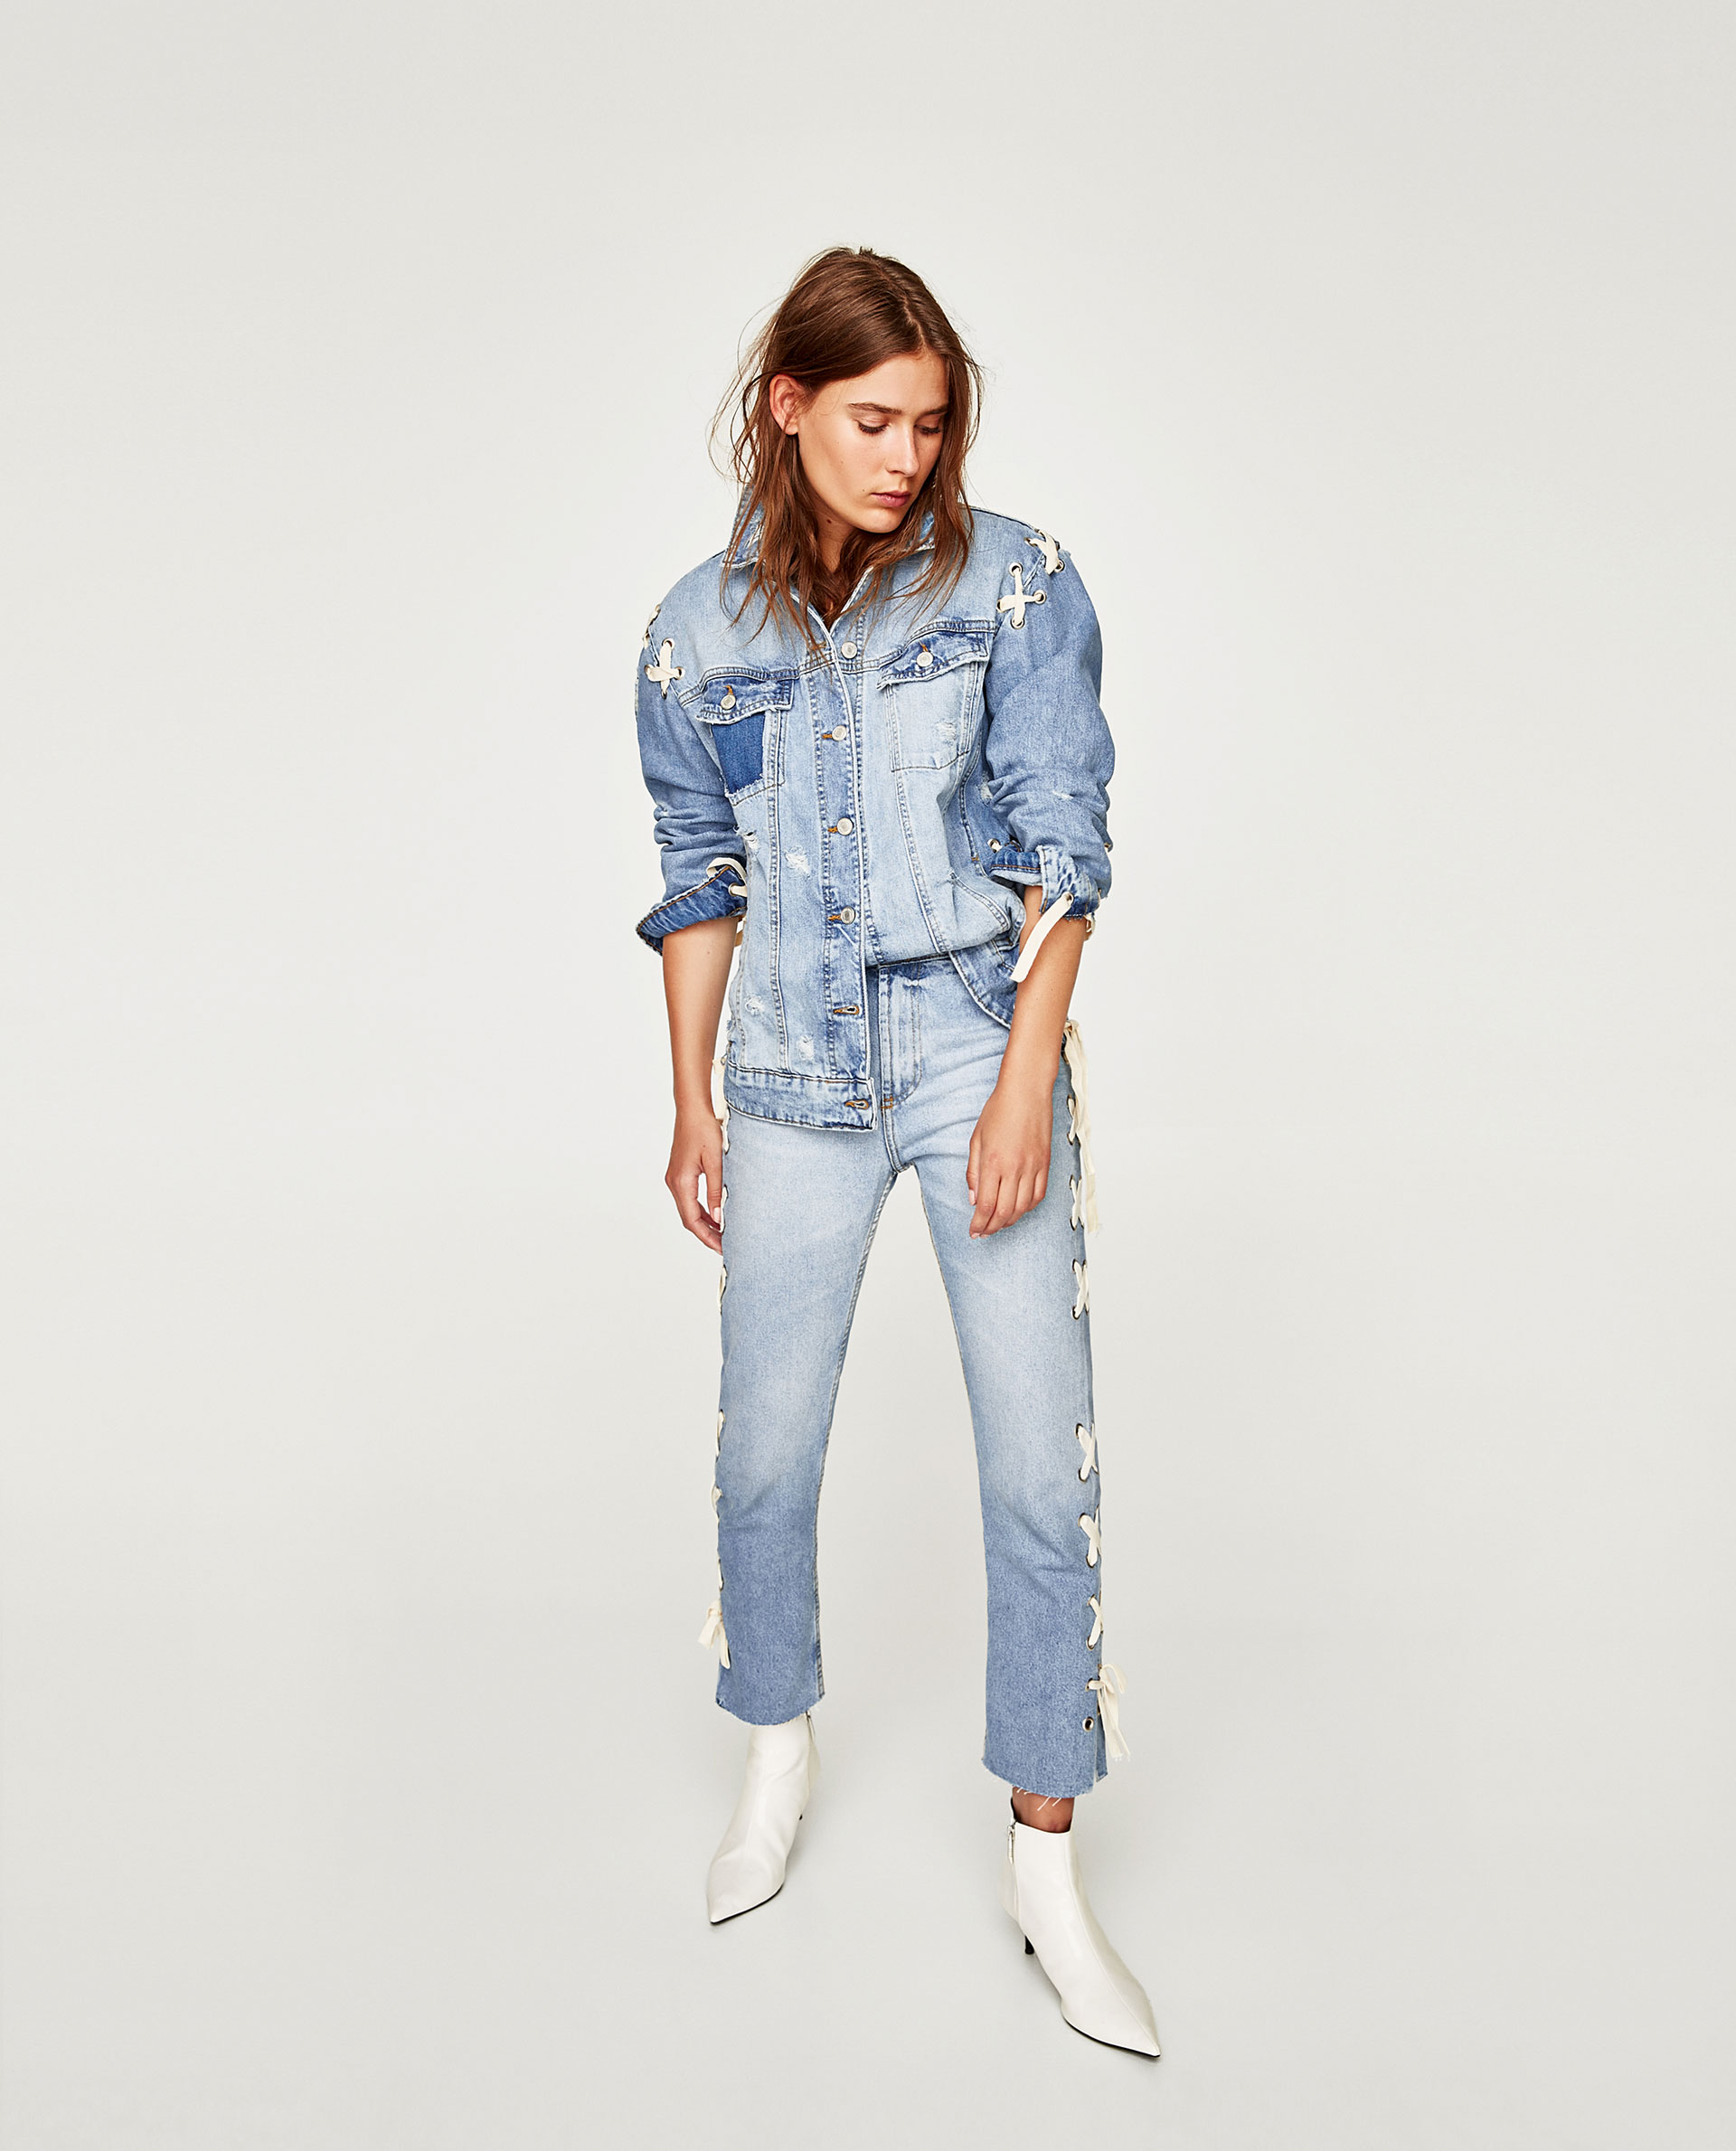 fashion Giubbino abbinamenti jeans Pourfemme gli di FOTO più pqpaZzx